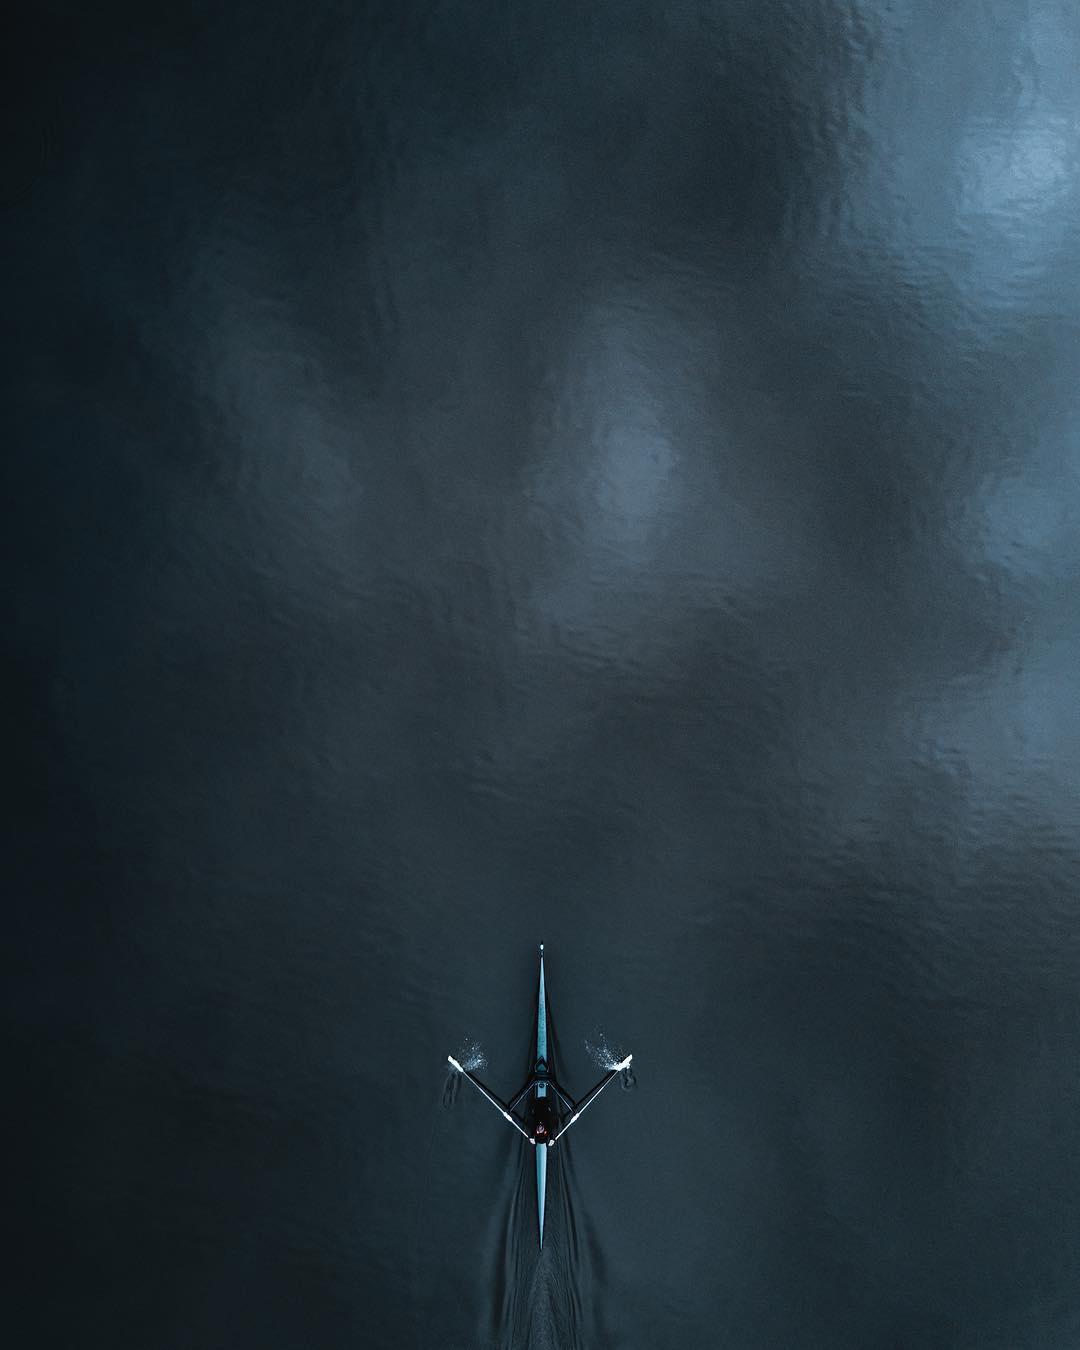 dramáticas imágenes aéreas